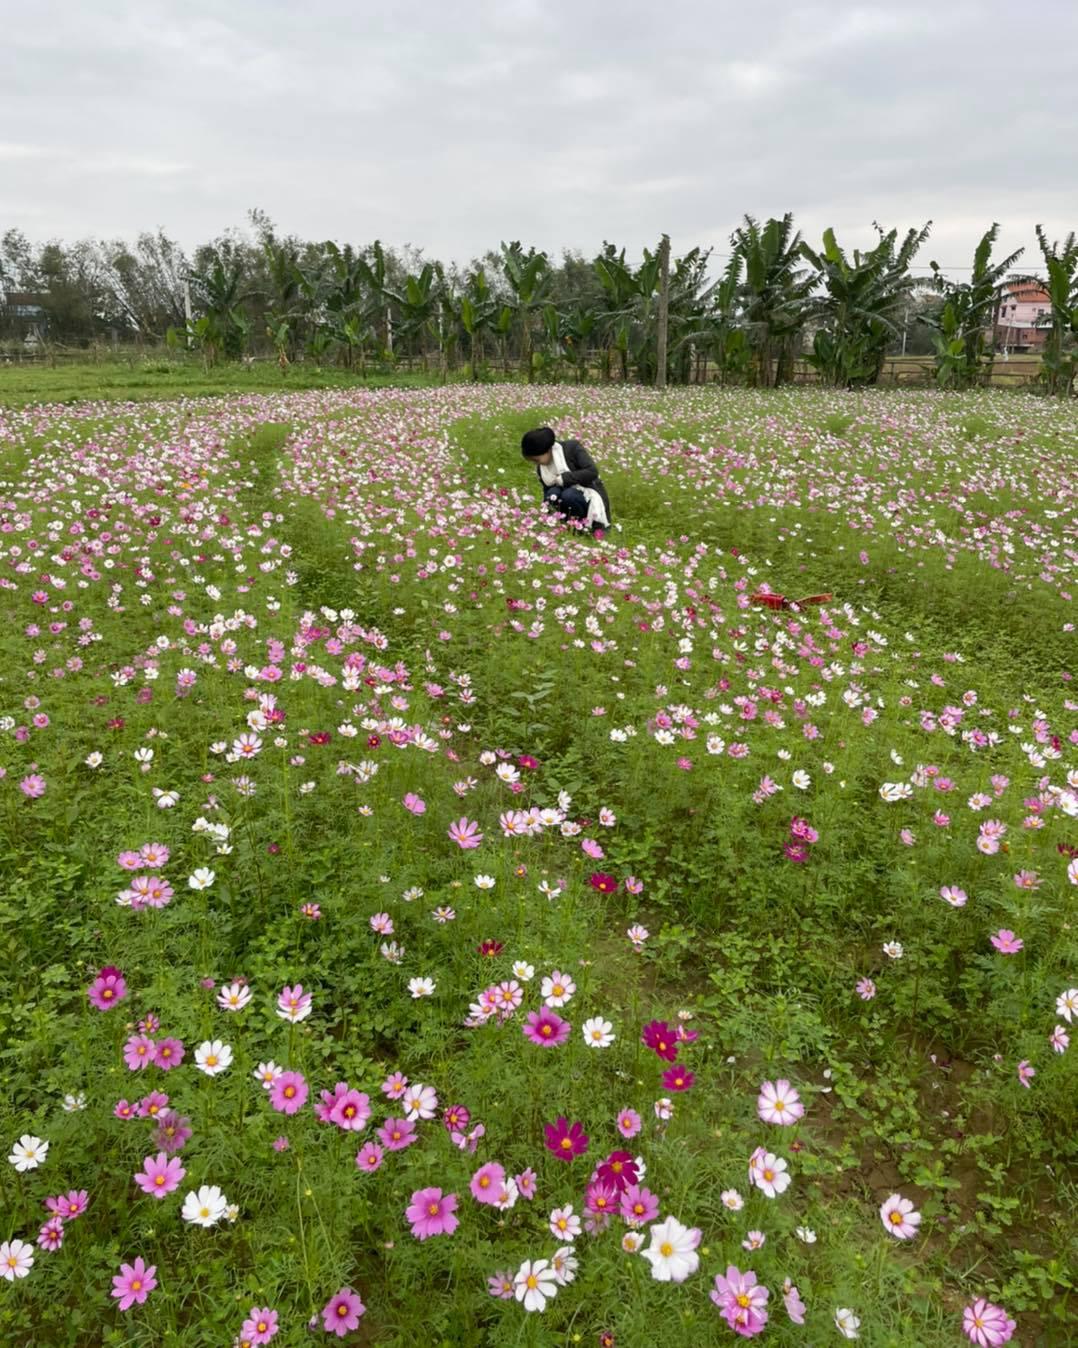 Ảnh chụp vườn hoa cánh bướm đang nở rộ tại Điện Phương Riverside Village. Hình ảnh: Điện Phương Riverside Village.